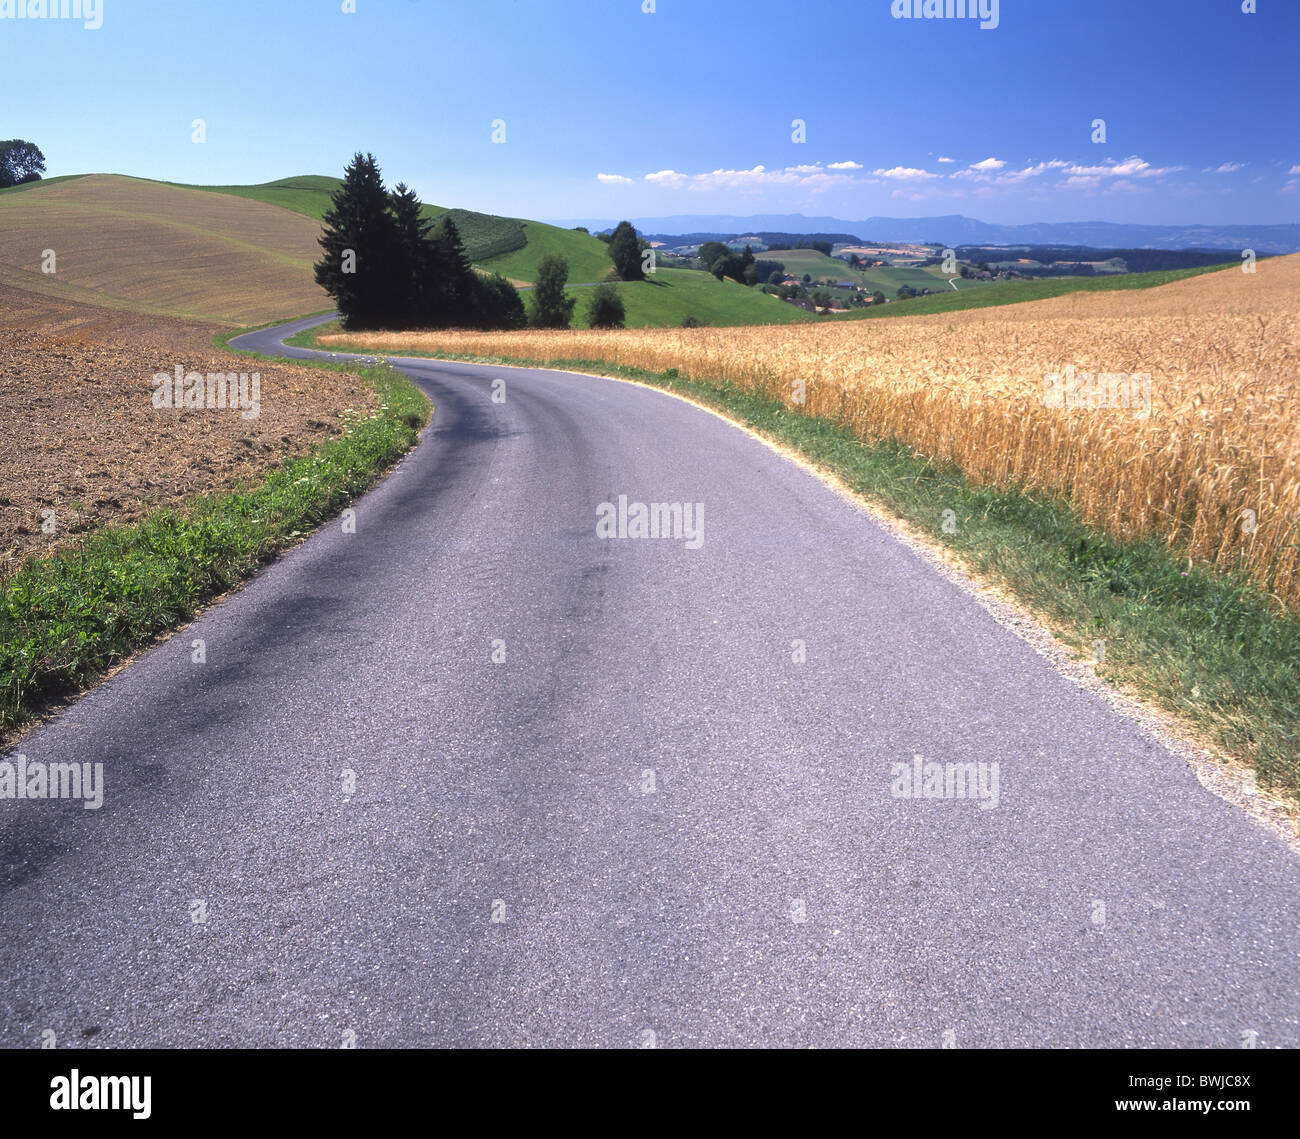 Strada strada di campagna sulle colline di campi Emmental paesaggio paesaggio canton Berna Svizzera Europa Foto Stock